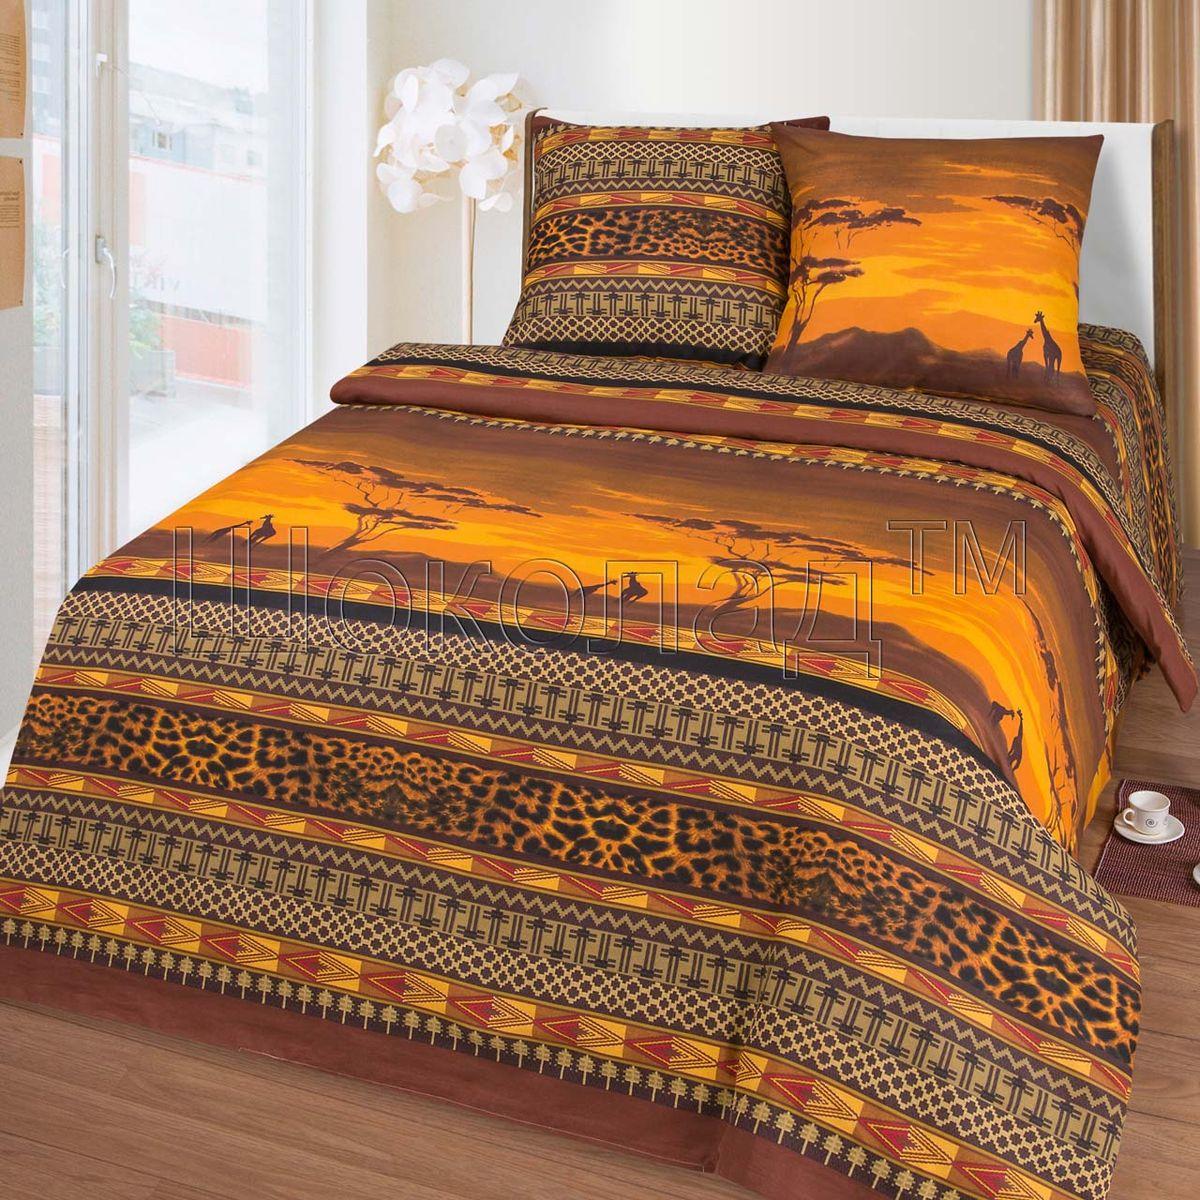 Комплект белья Шоколад Кения, 1,5-спальный, наволочки 70x70. Б100Б100